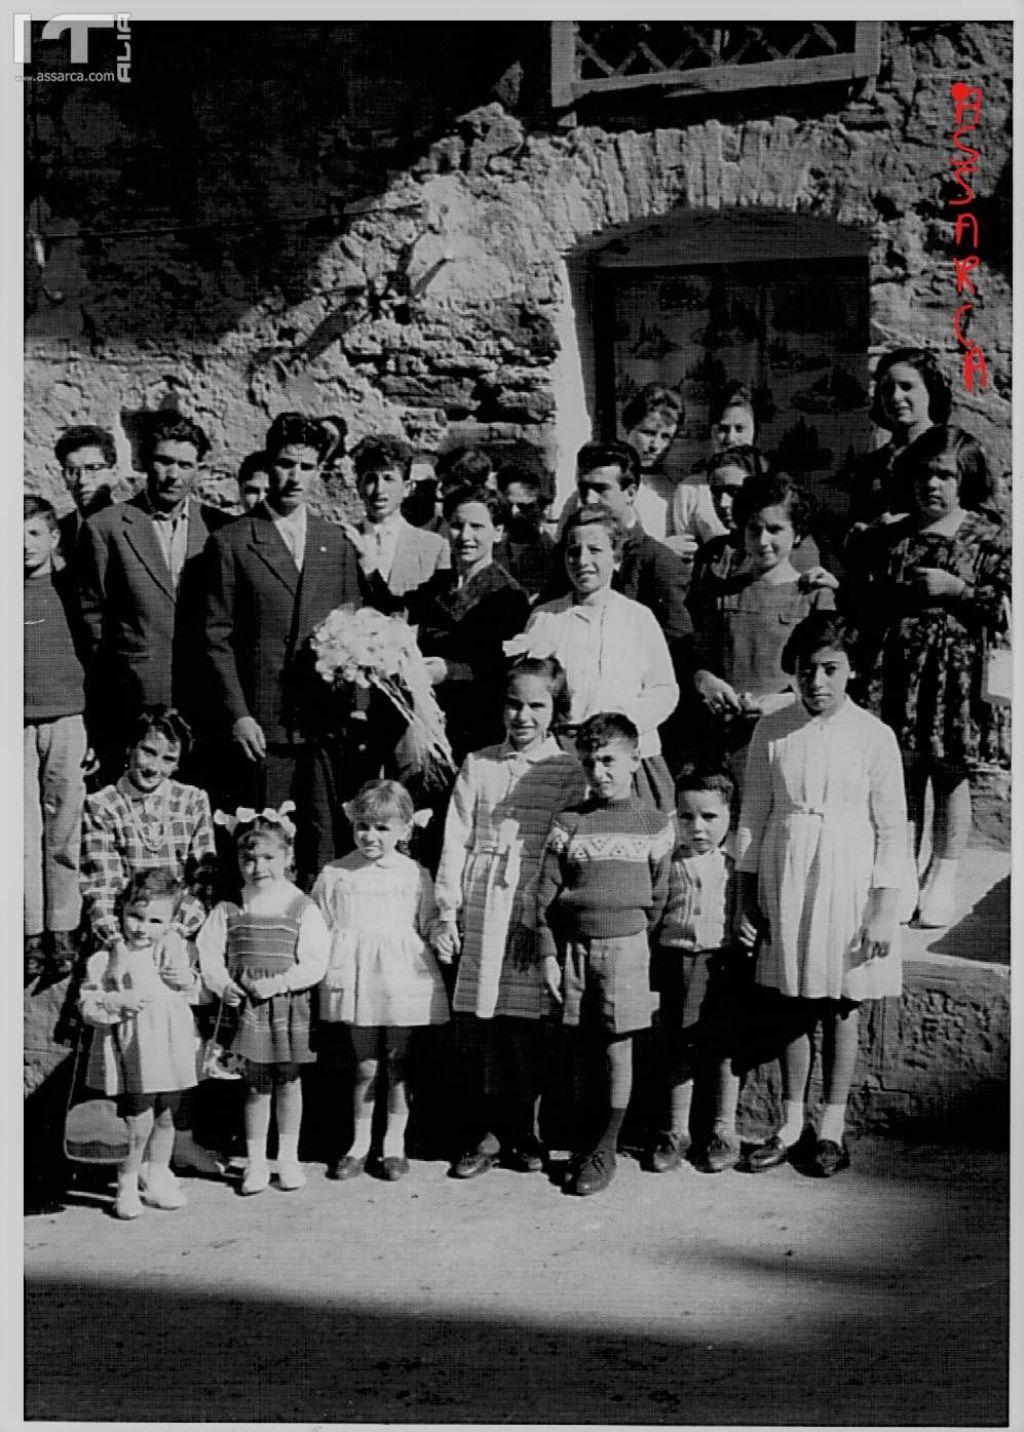 ALIA,VIA FORTUNA MATRIMONIO DI SALVATORE BARCELLONA E MANCUSO LUCIA, ANNO 1960. NELLA FOTO CON LA MAMMA MARIA SPARACELLO.